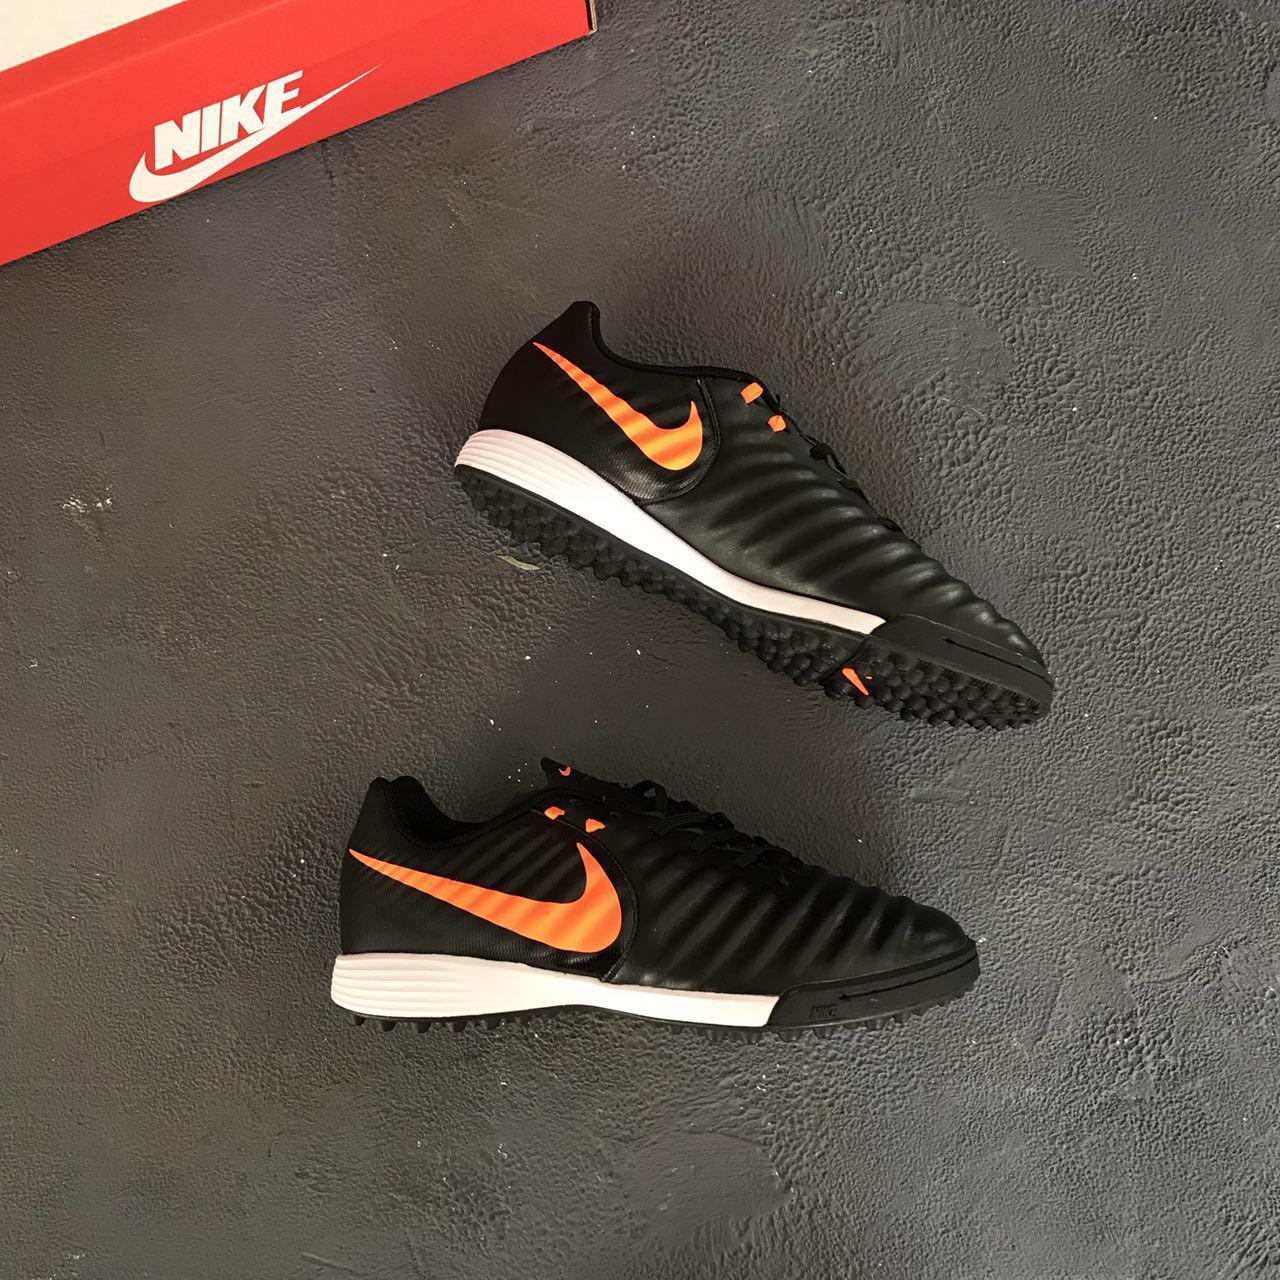 7e0c72e8 Сороконожки Nike Tiempo Legend VII Academy TF - Black/Pure Platinum/Light  Crimson